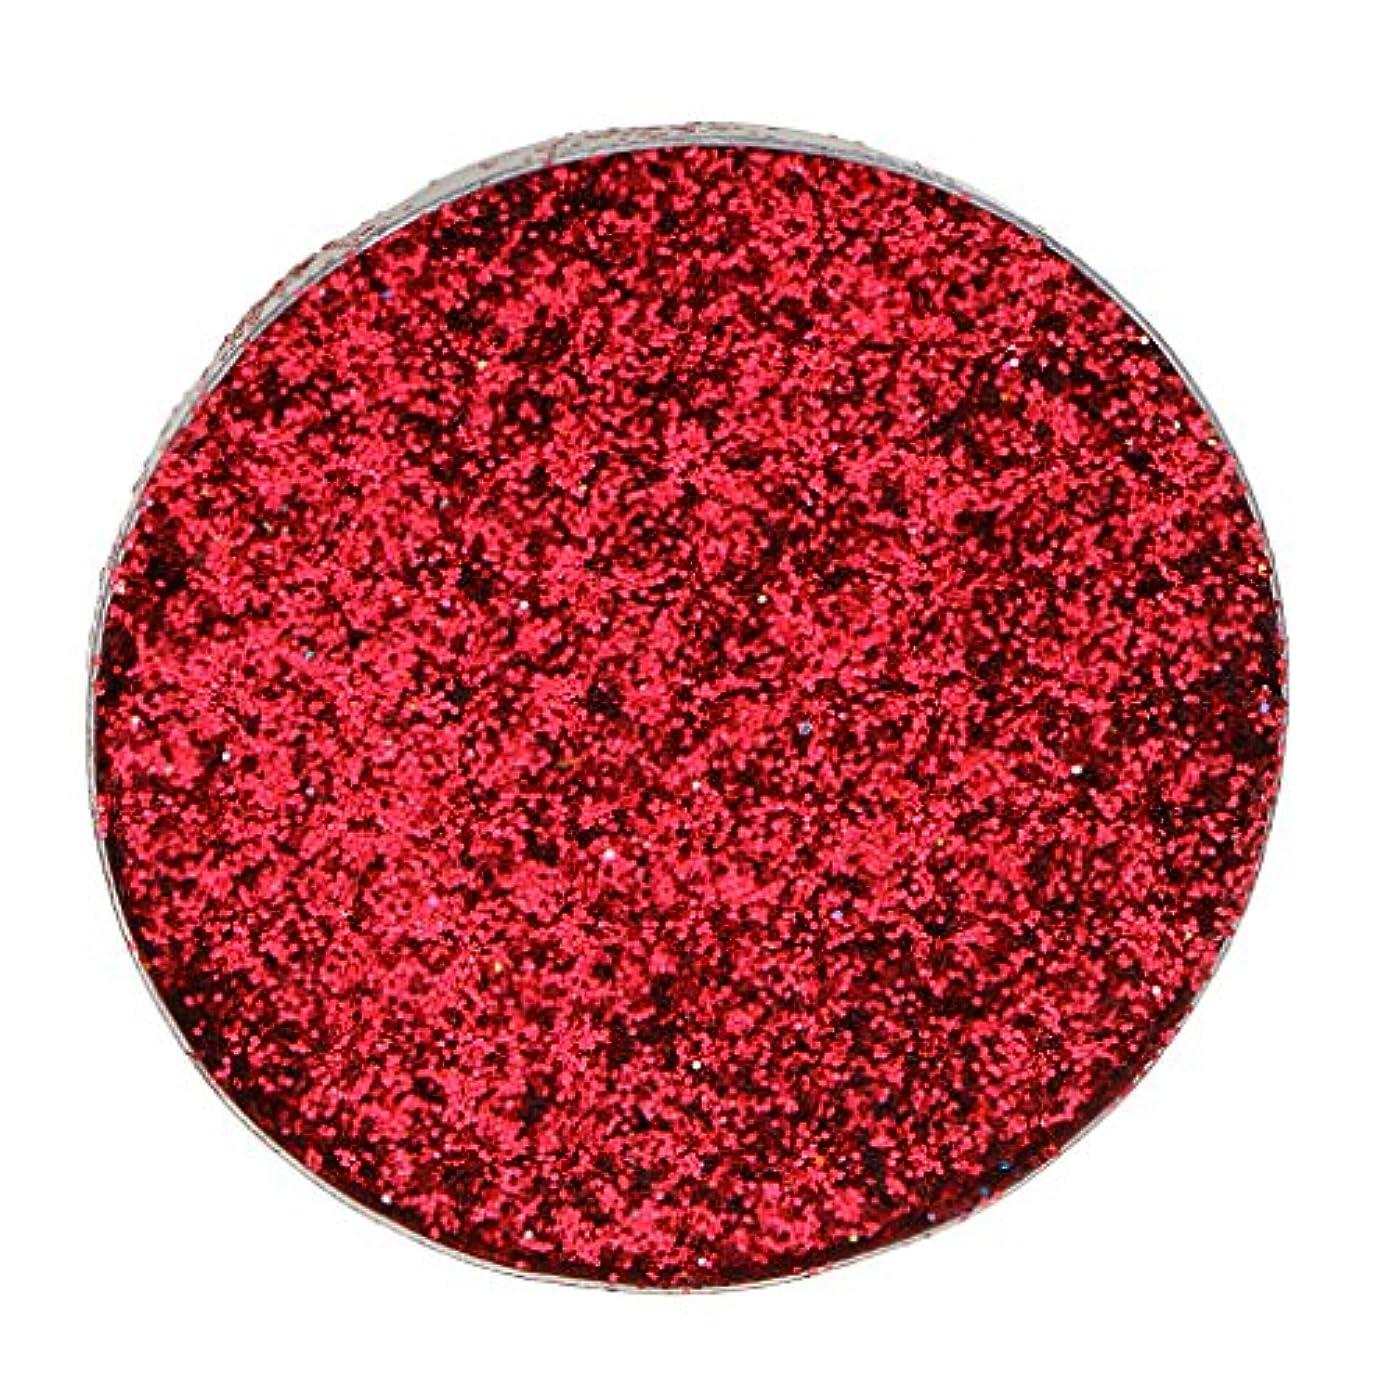 警官化学者俳句ダイヤモンドキラキラ輝き輝くメークアッププレスアイシャドー顔料 - 赤